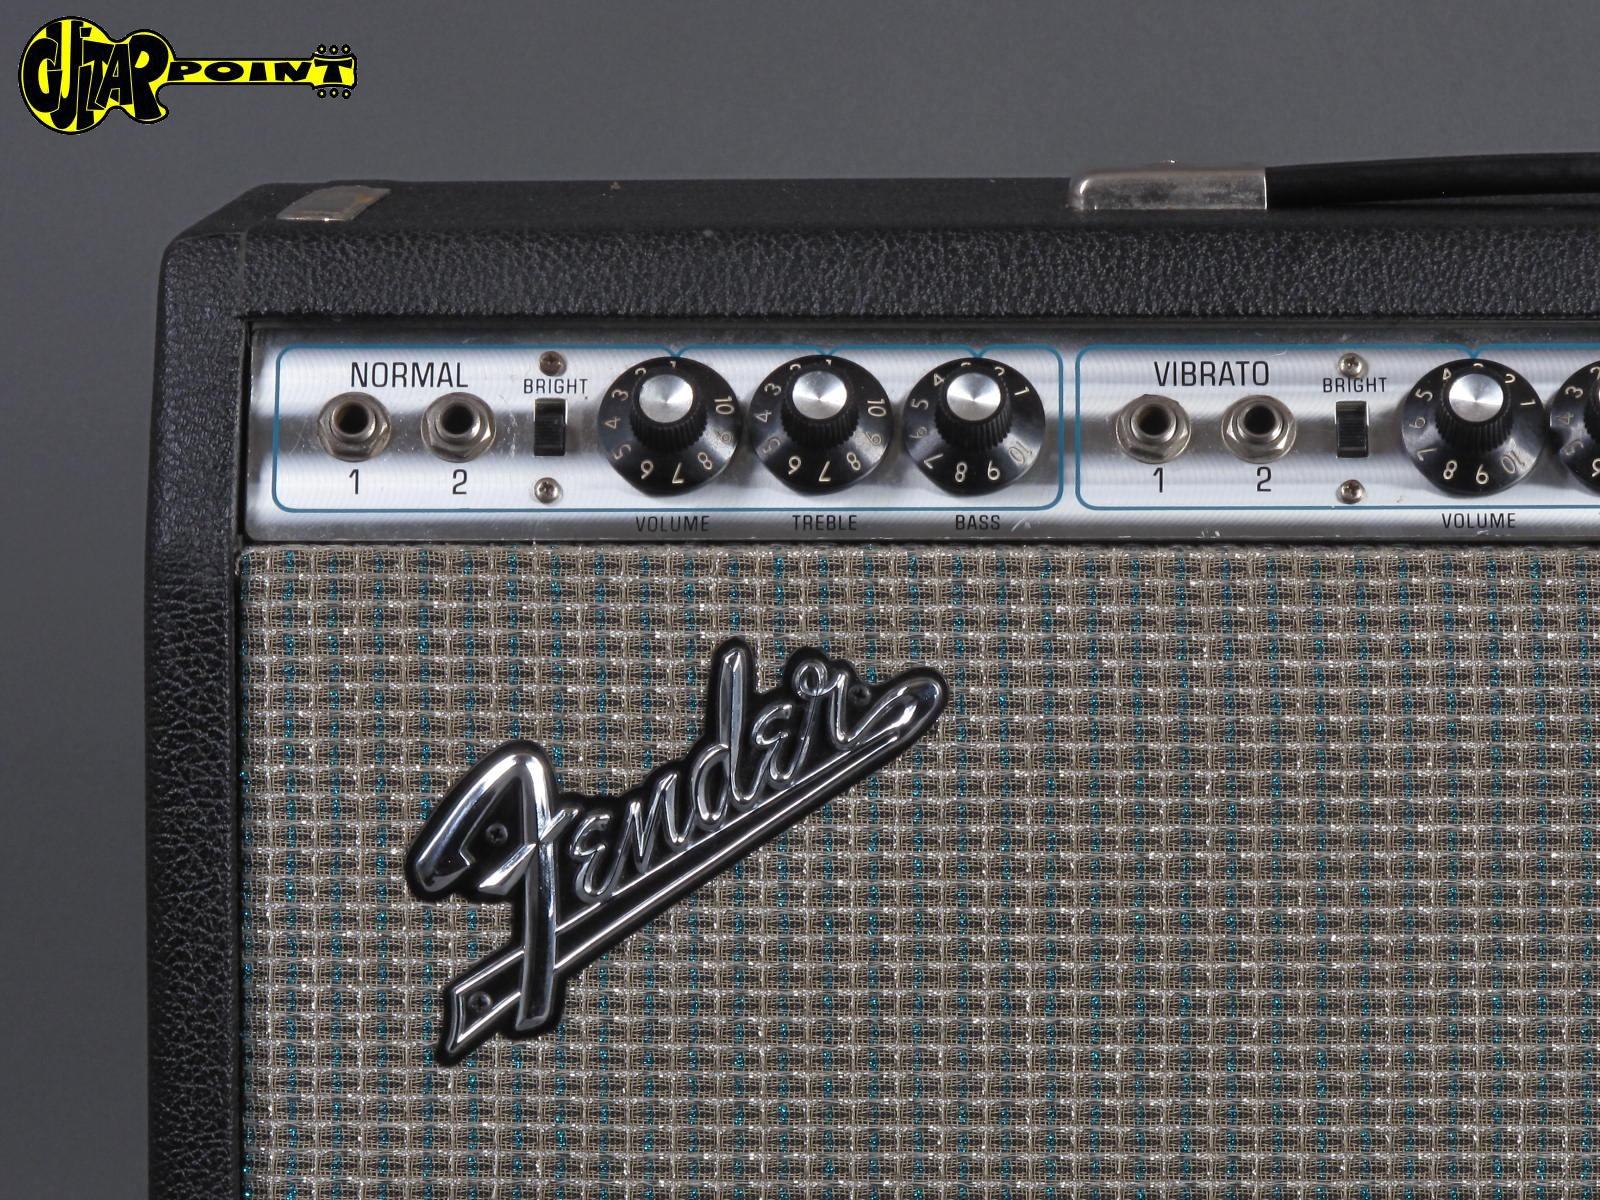 1972 fender vibrolux reverb amp mint vi72fevibroluxa24978. Black Bedroom Furniture Sets. Home Design Ideas